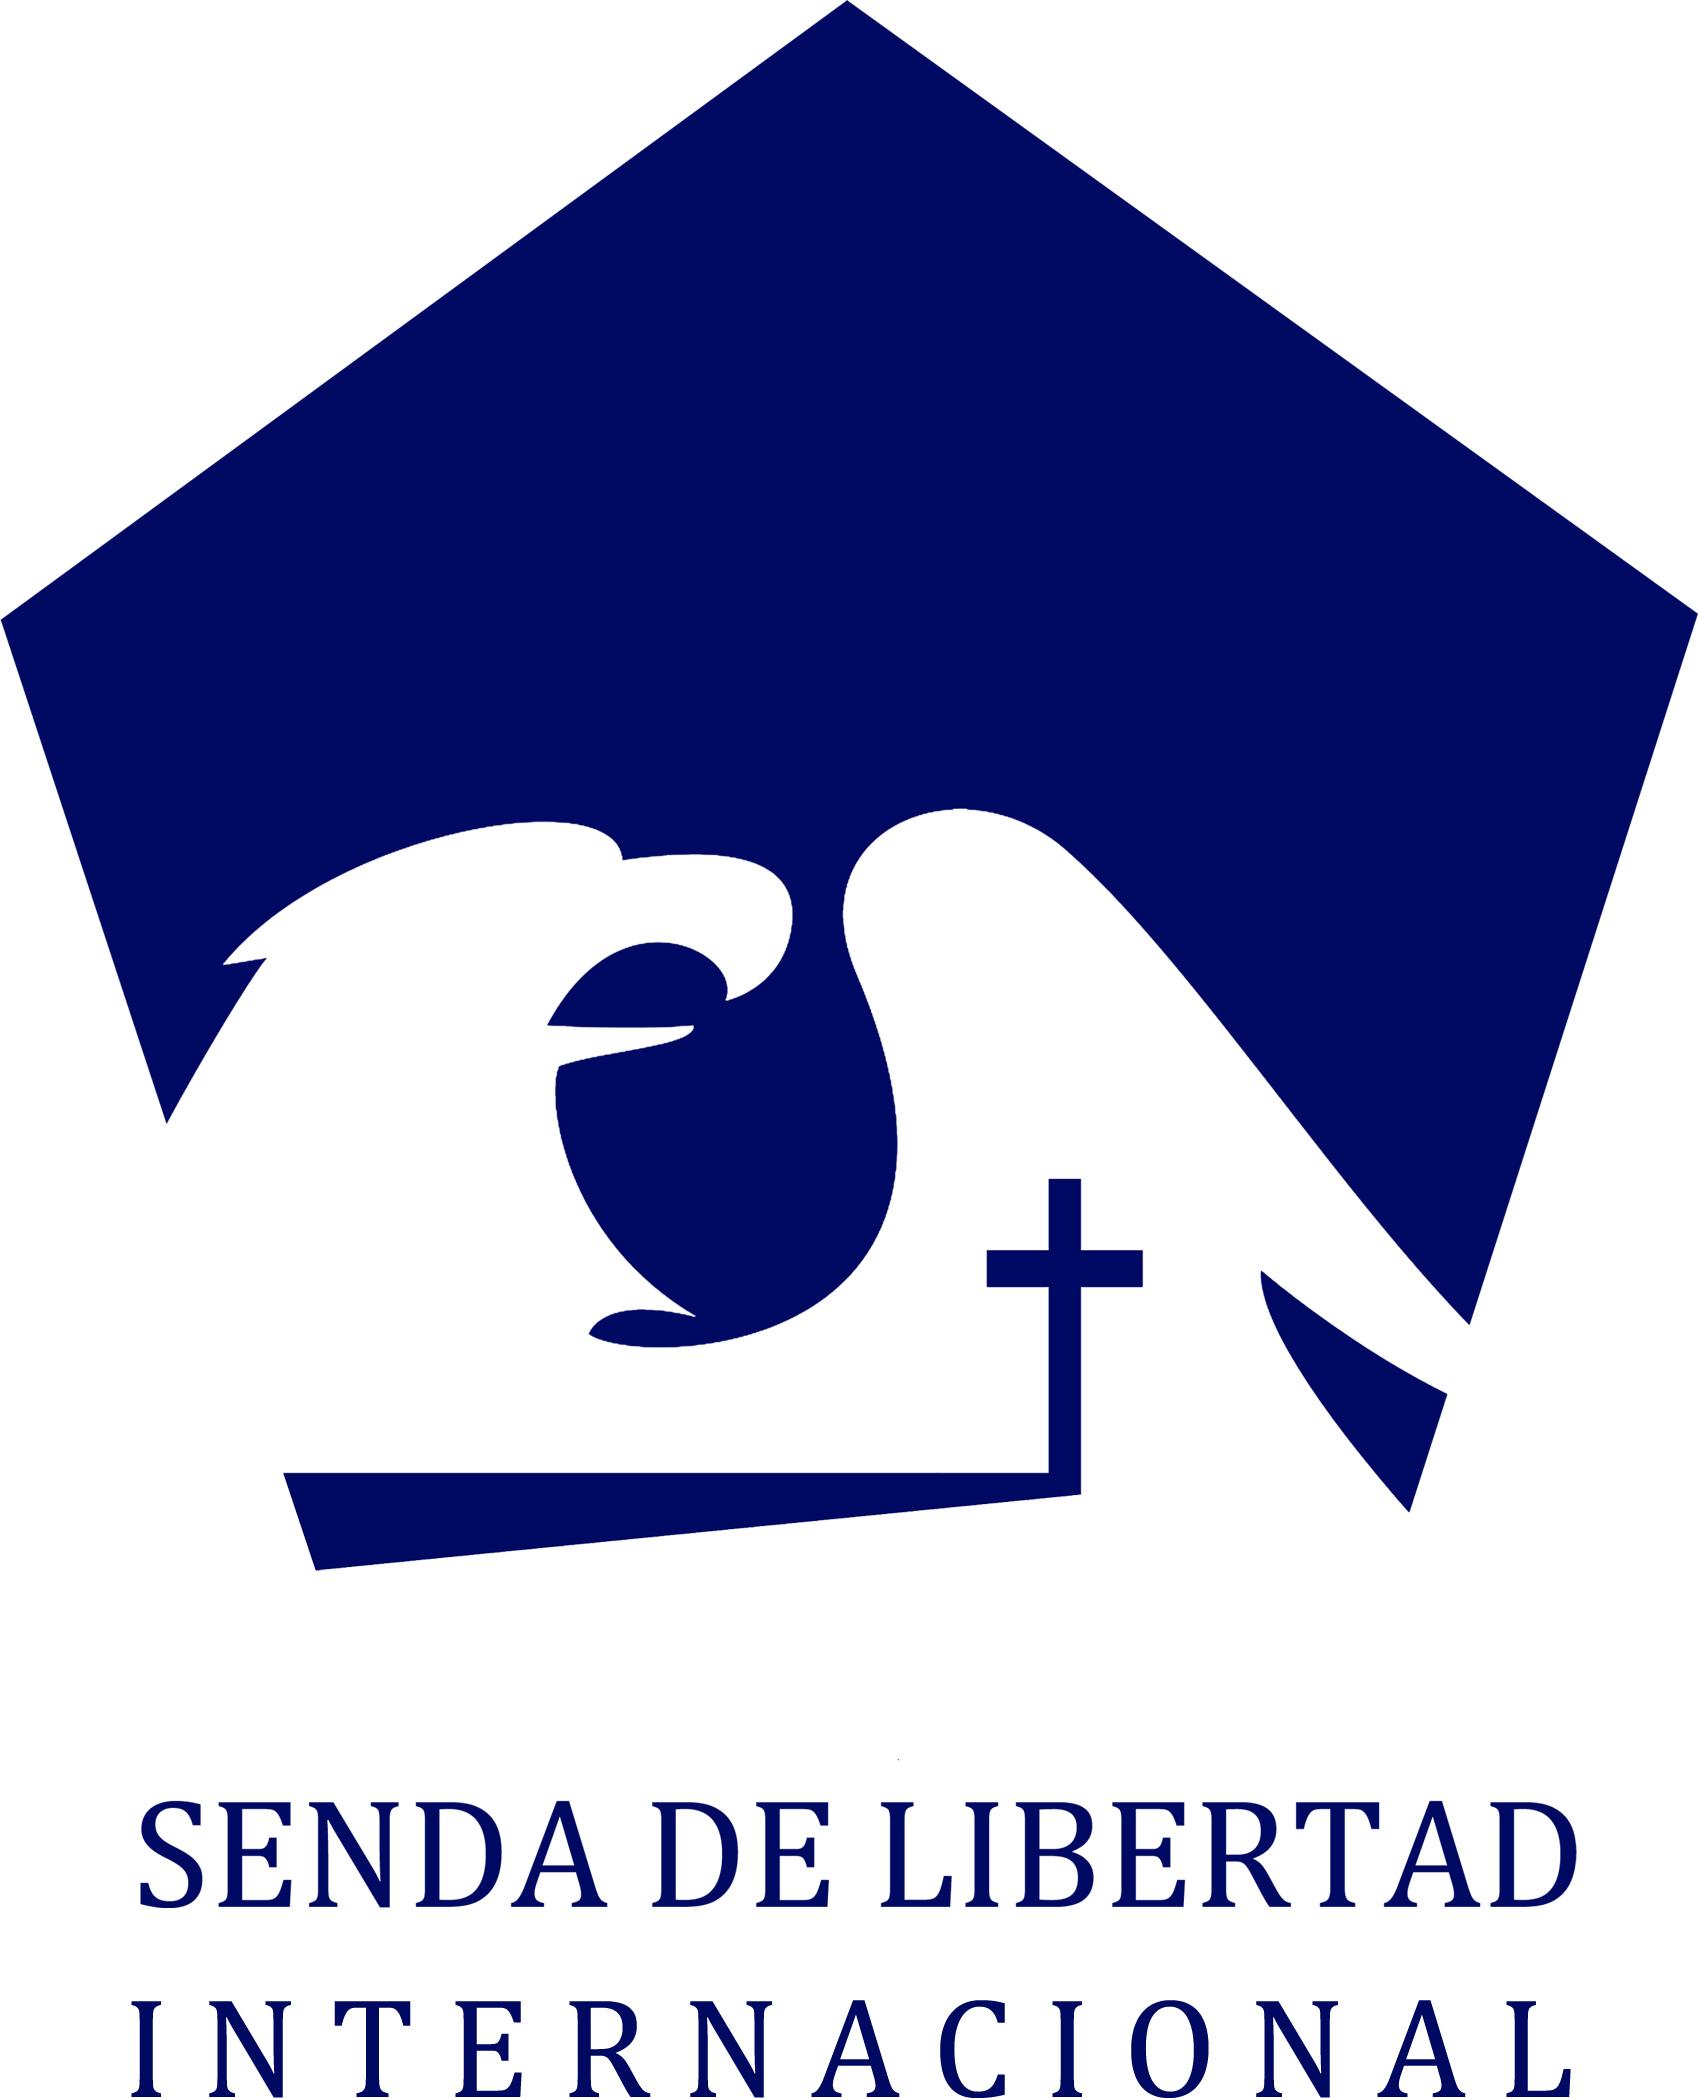 Senda de Libertad